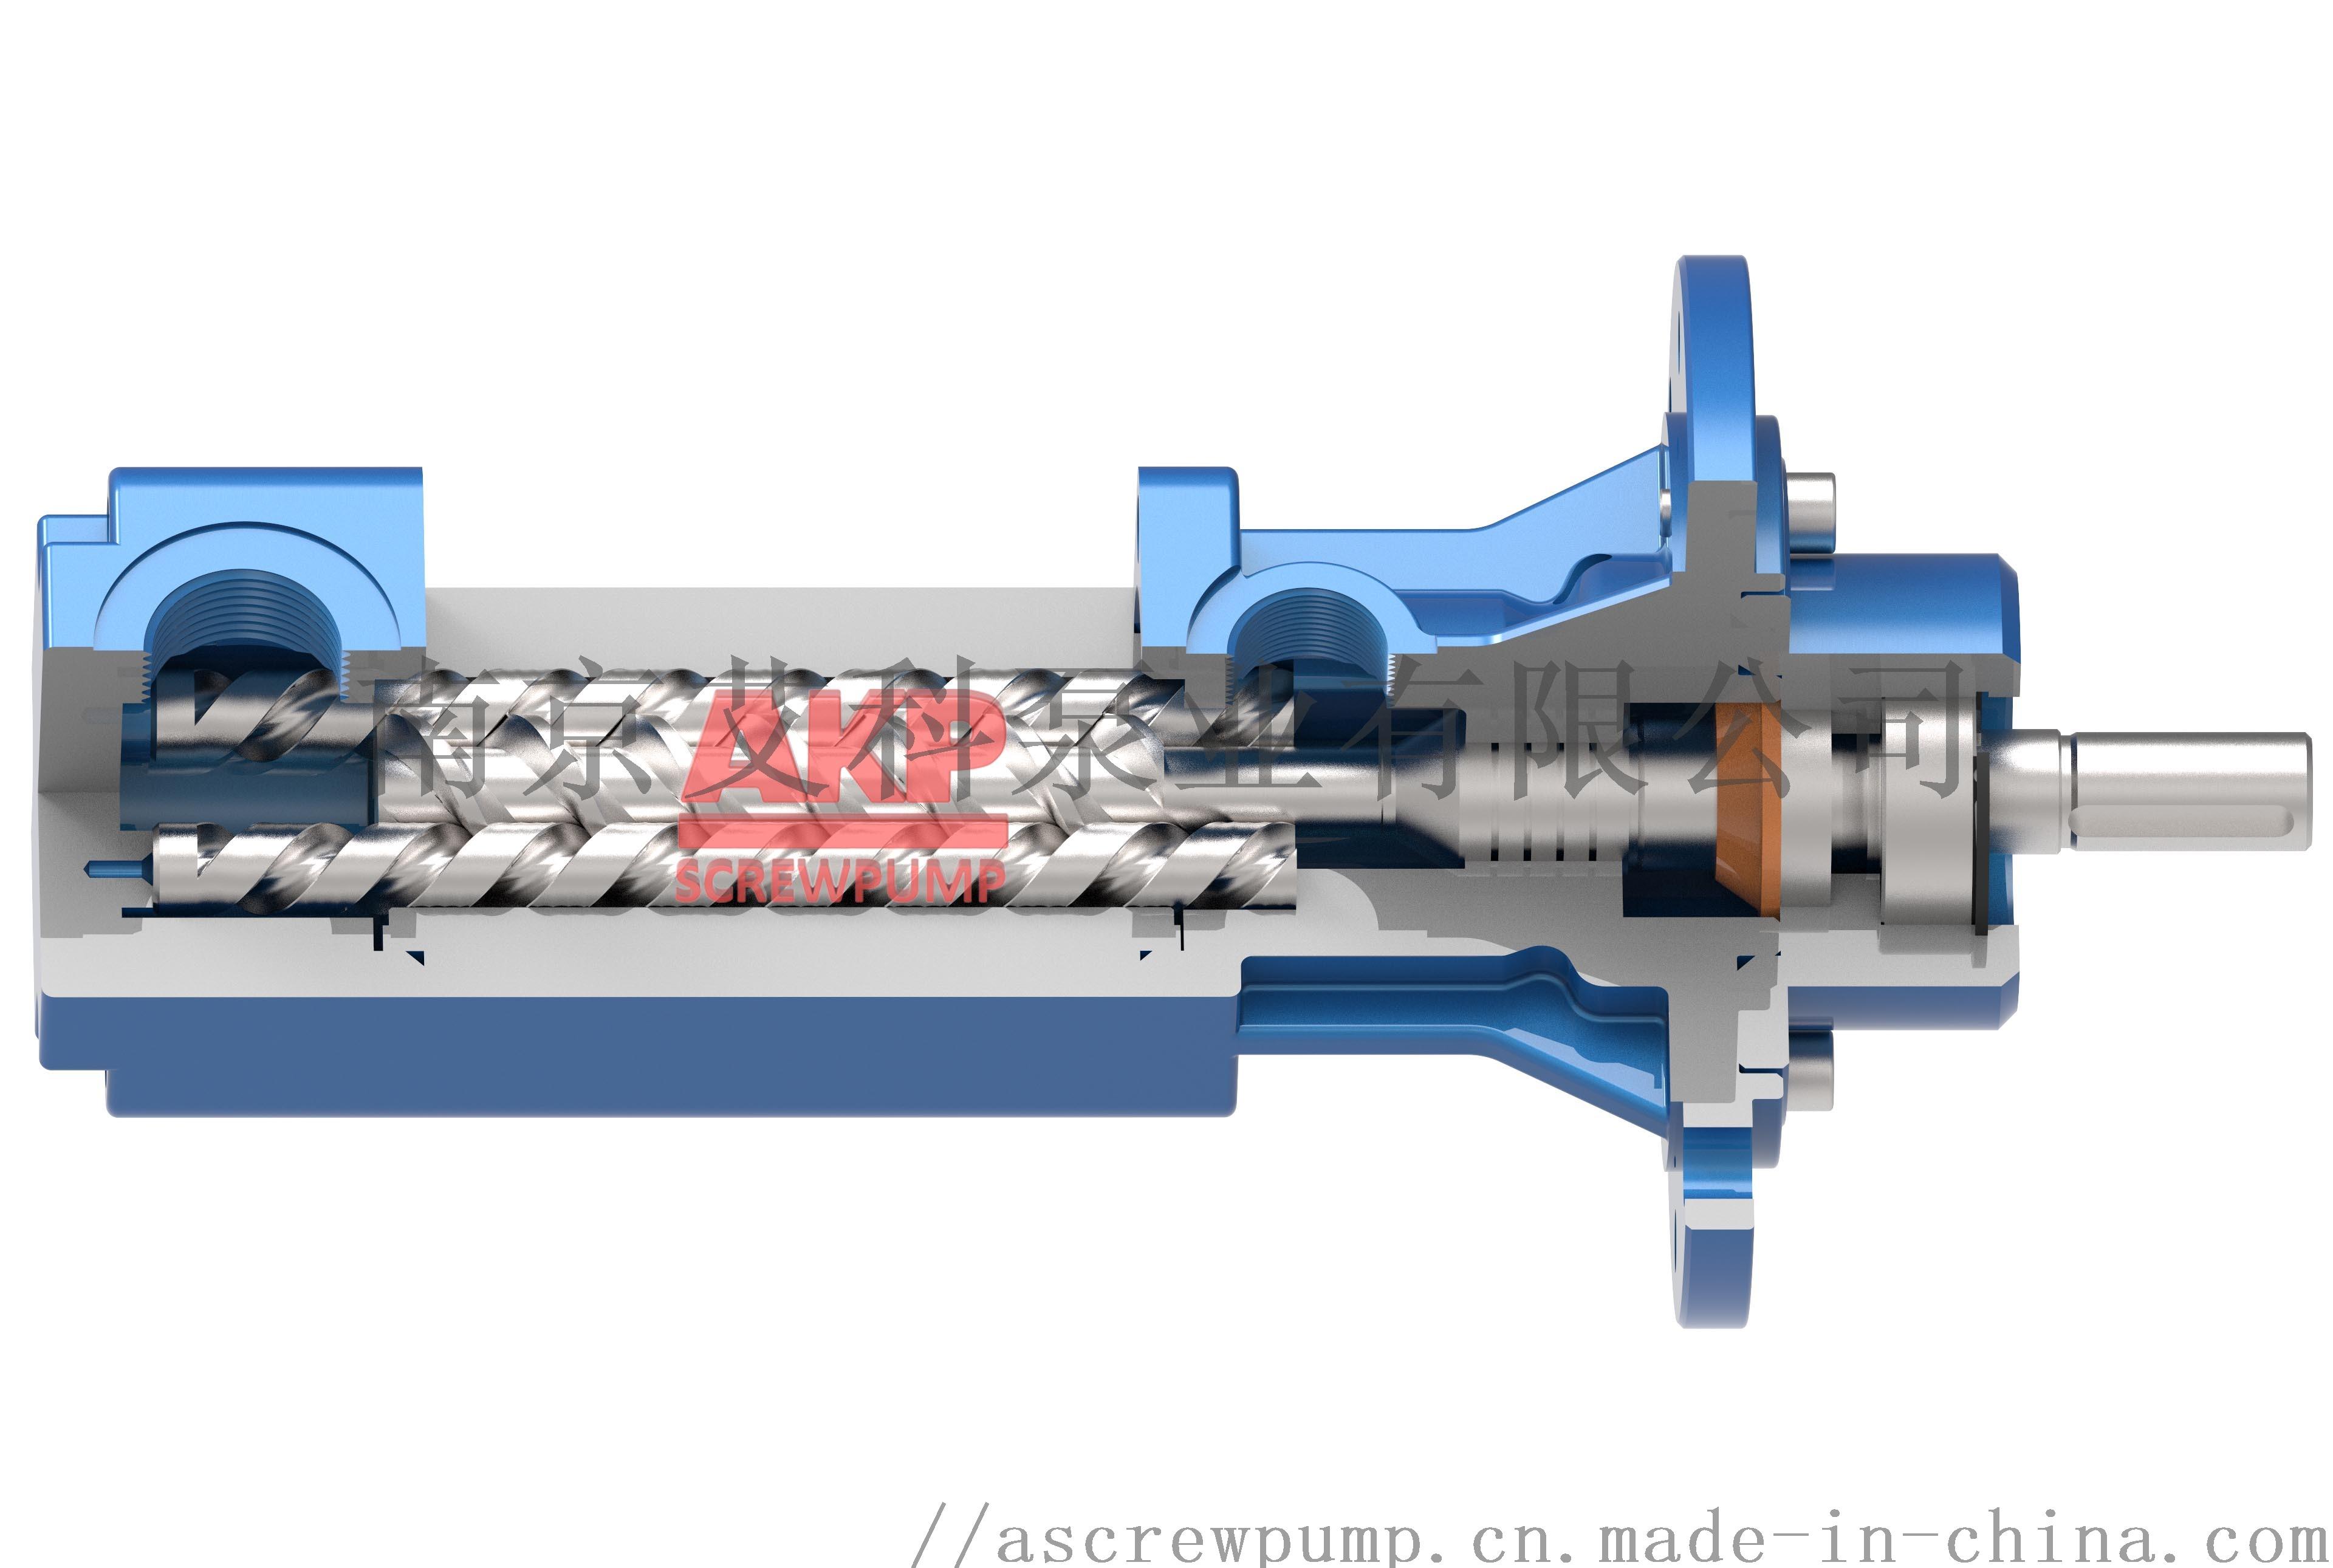 高压机床冷却泵ATS25-50-S-L-A-G-KB 流量31.6升每分钟压力70bar主轴中心出水刀具冷却排屑断屑现货配套供应卧式加工中心790998045